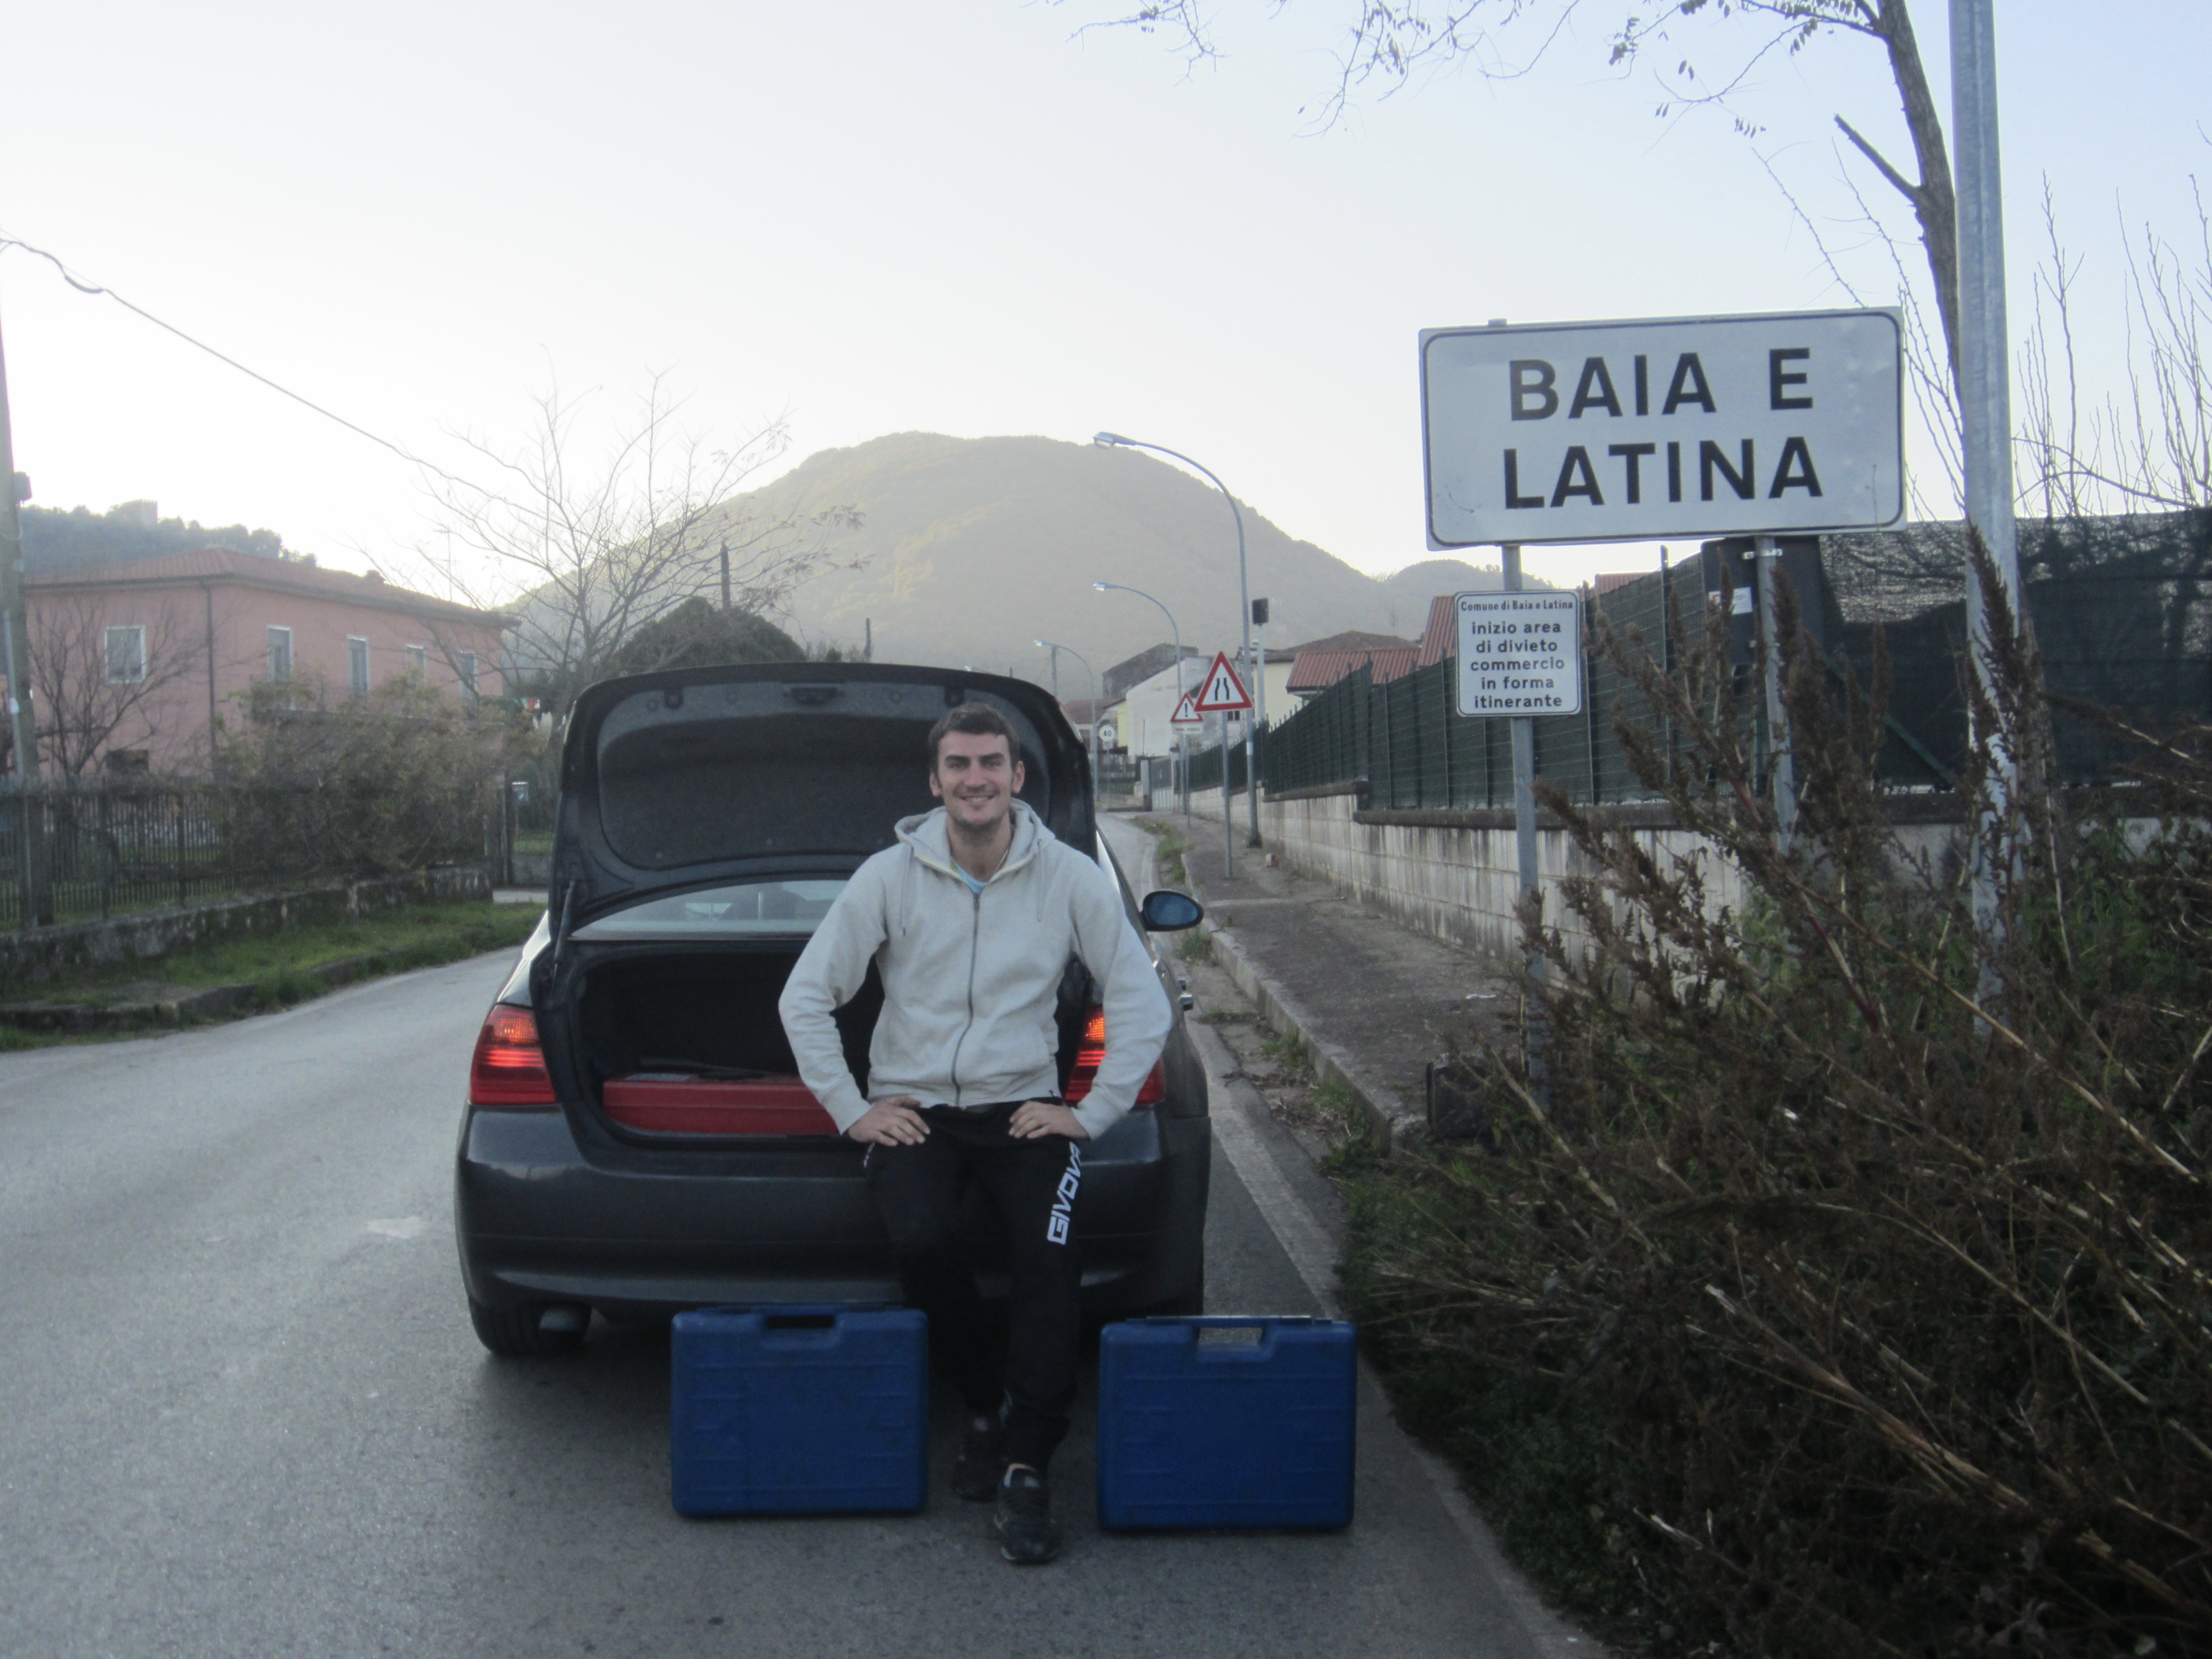 Baia e latina (Caserta)